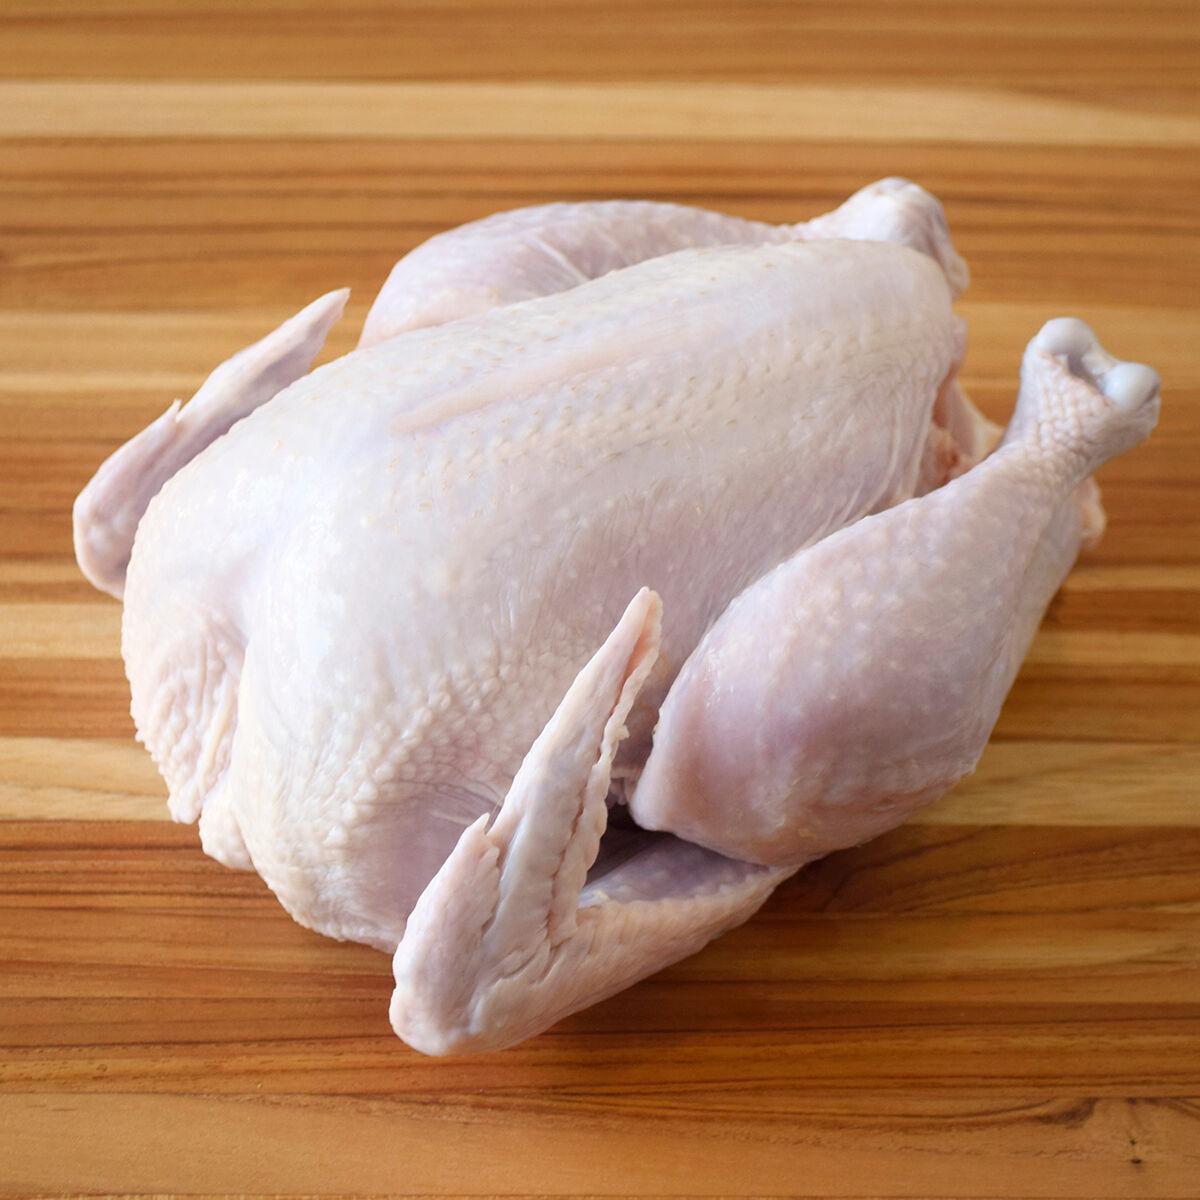 D'Artagnan Organic Chicken, Whole: Frozen / 2 Chickens (2.5-3.5 lbs avg. each) by D'Artagnan